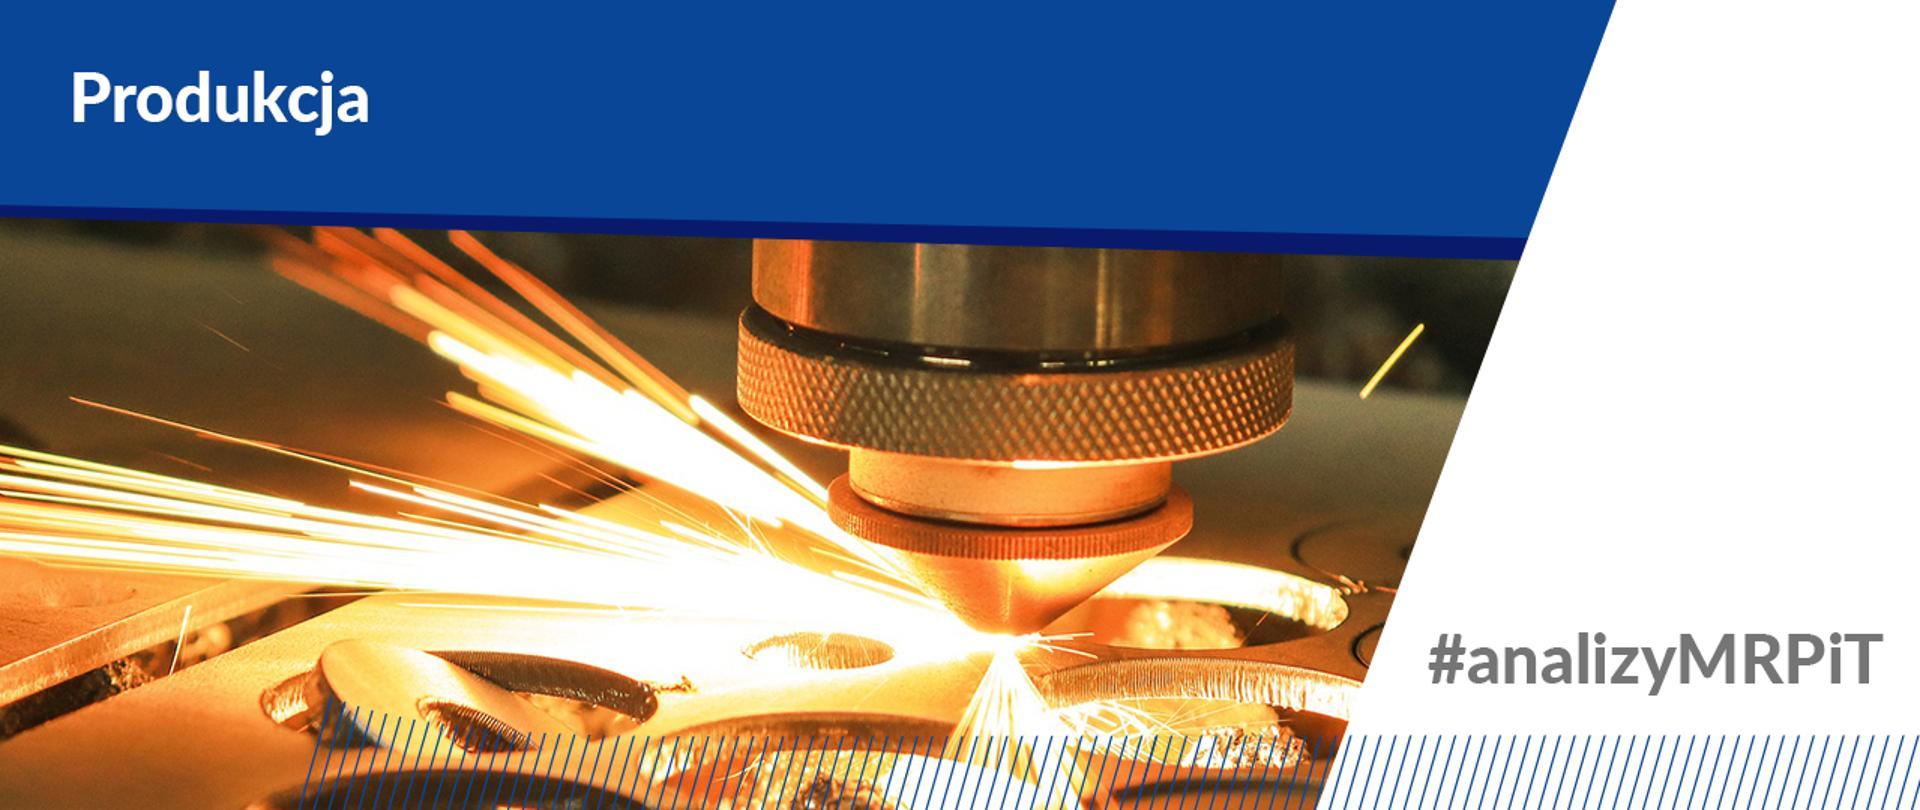 Produkcja przemysłowa w styczniu 2021 r. - Na zdjęciu laser wycinający krążki z metalu.